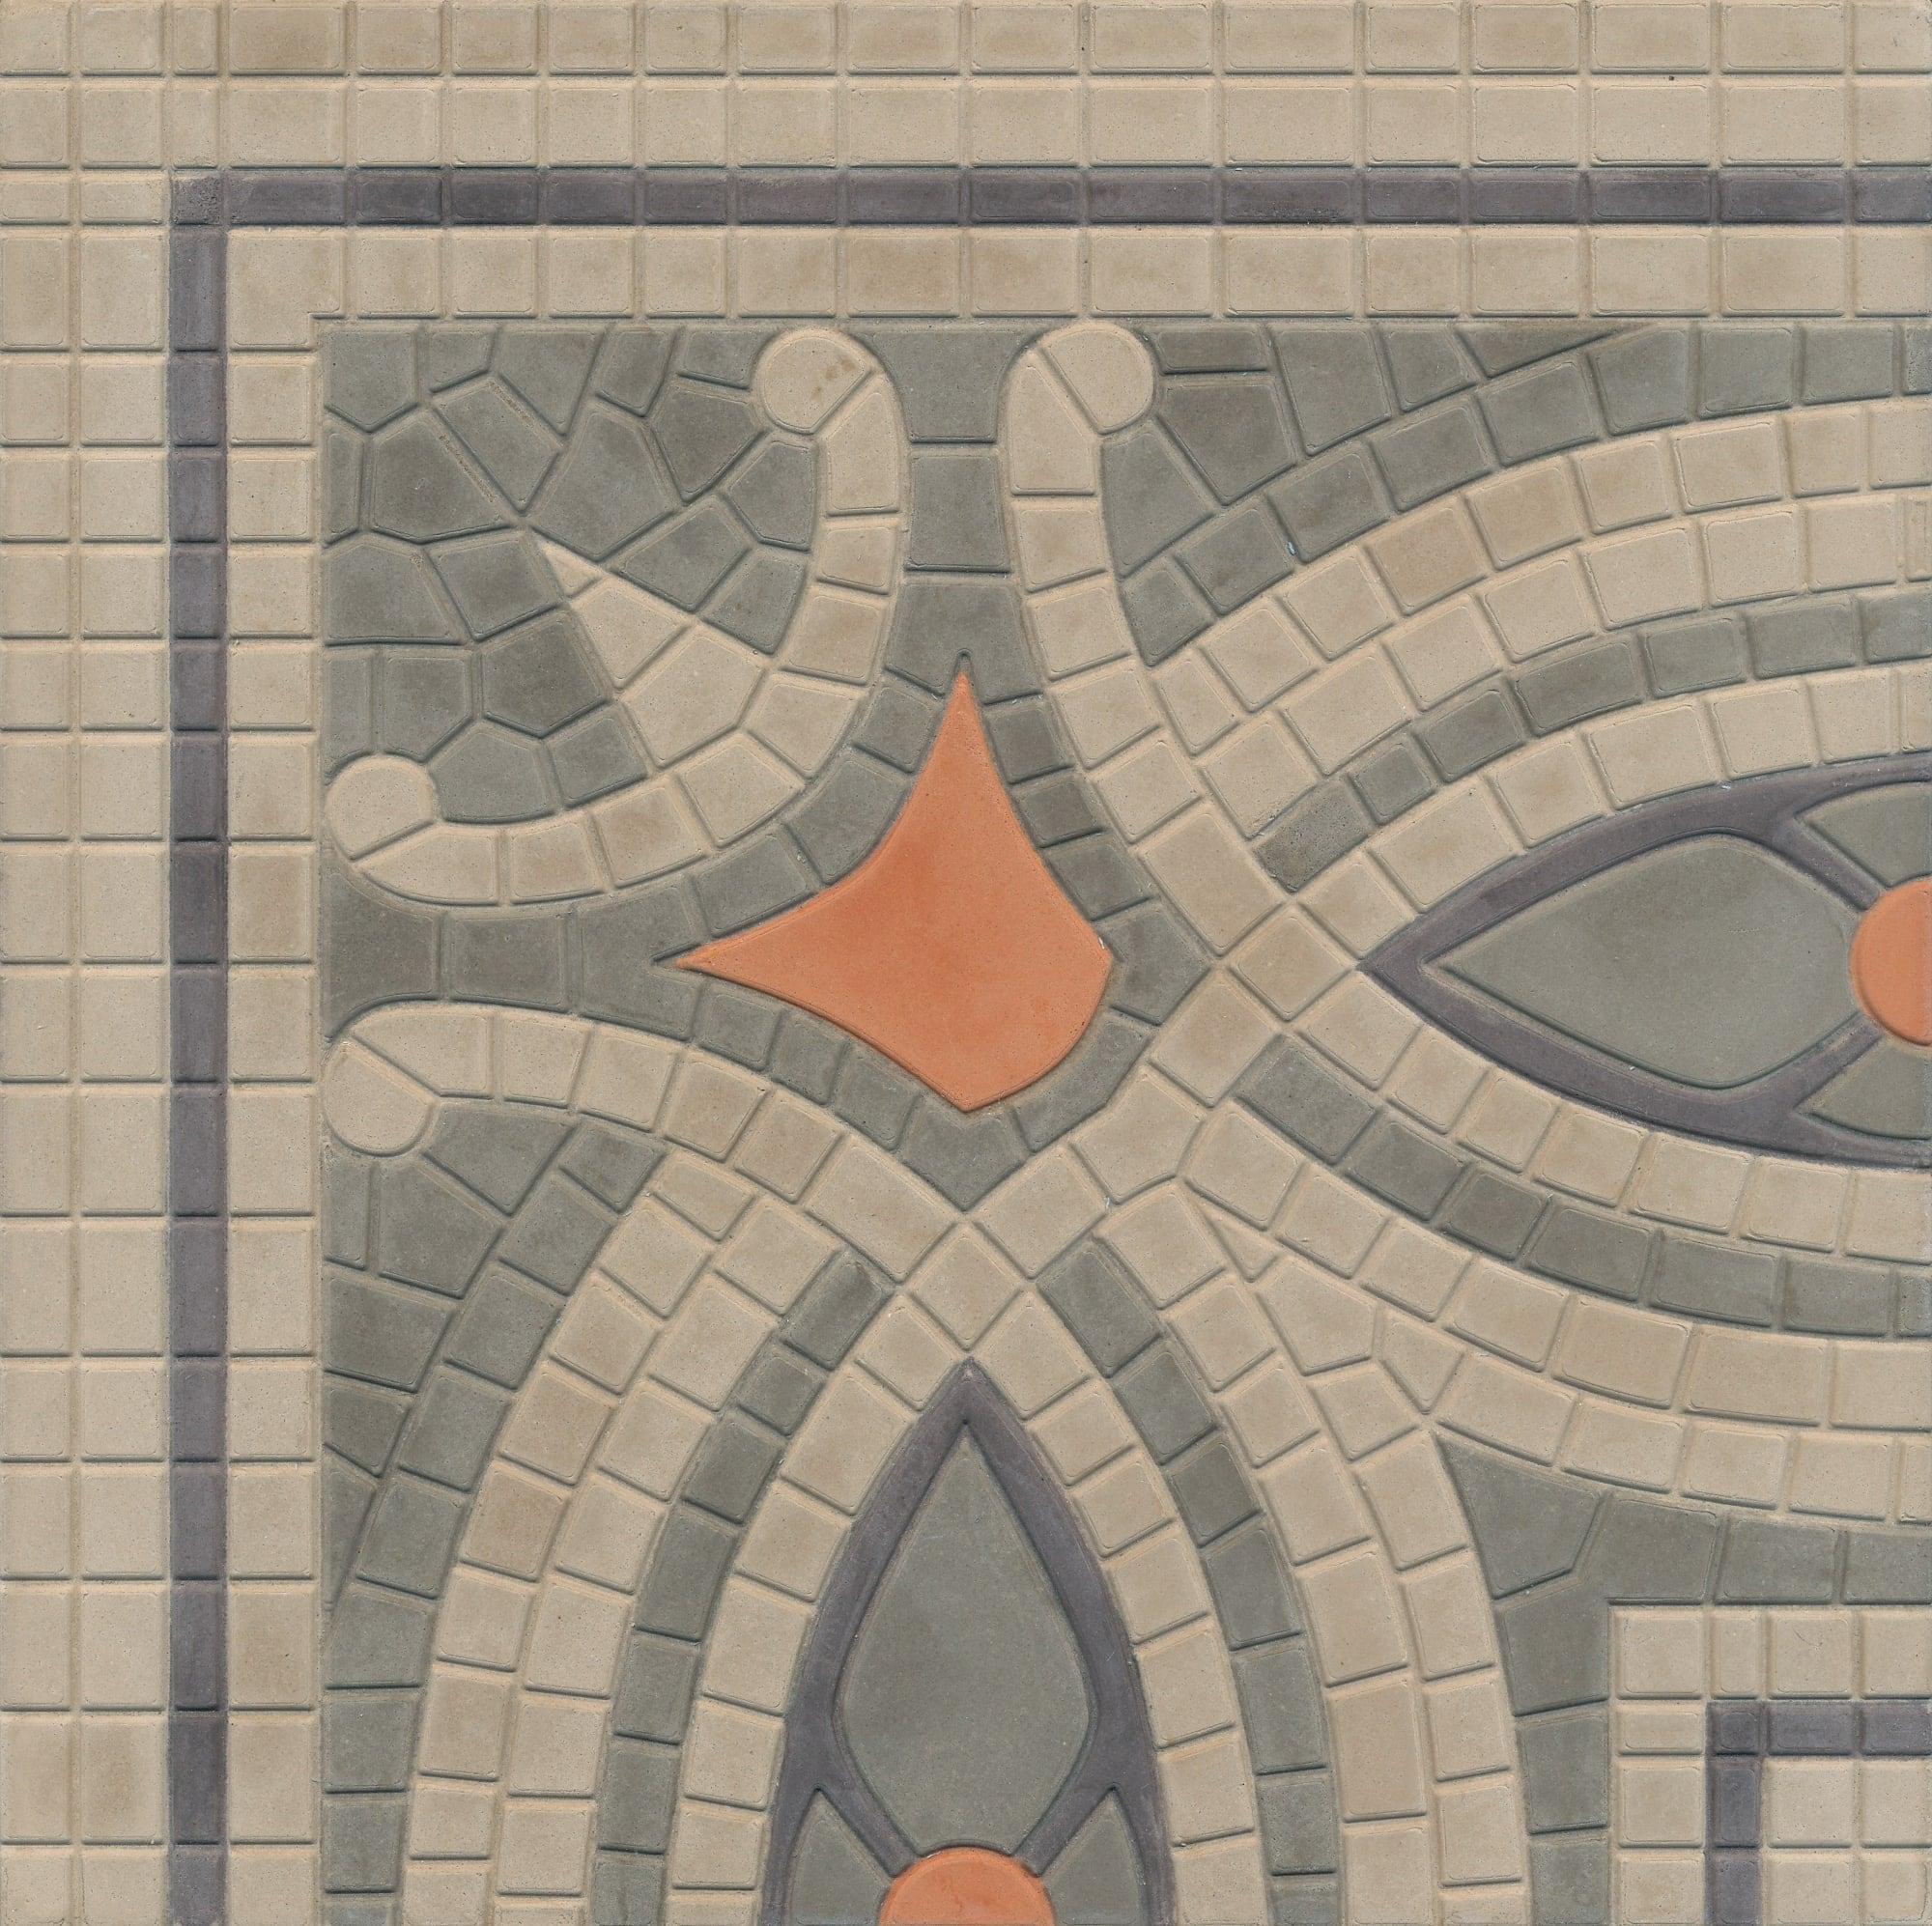 zementfliesen-nummer-43152-viaplatten |